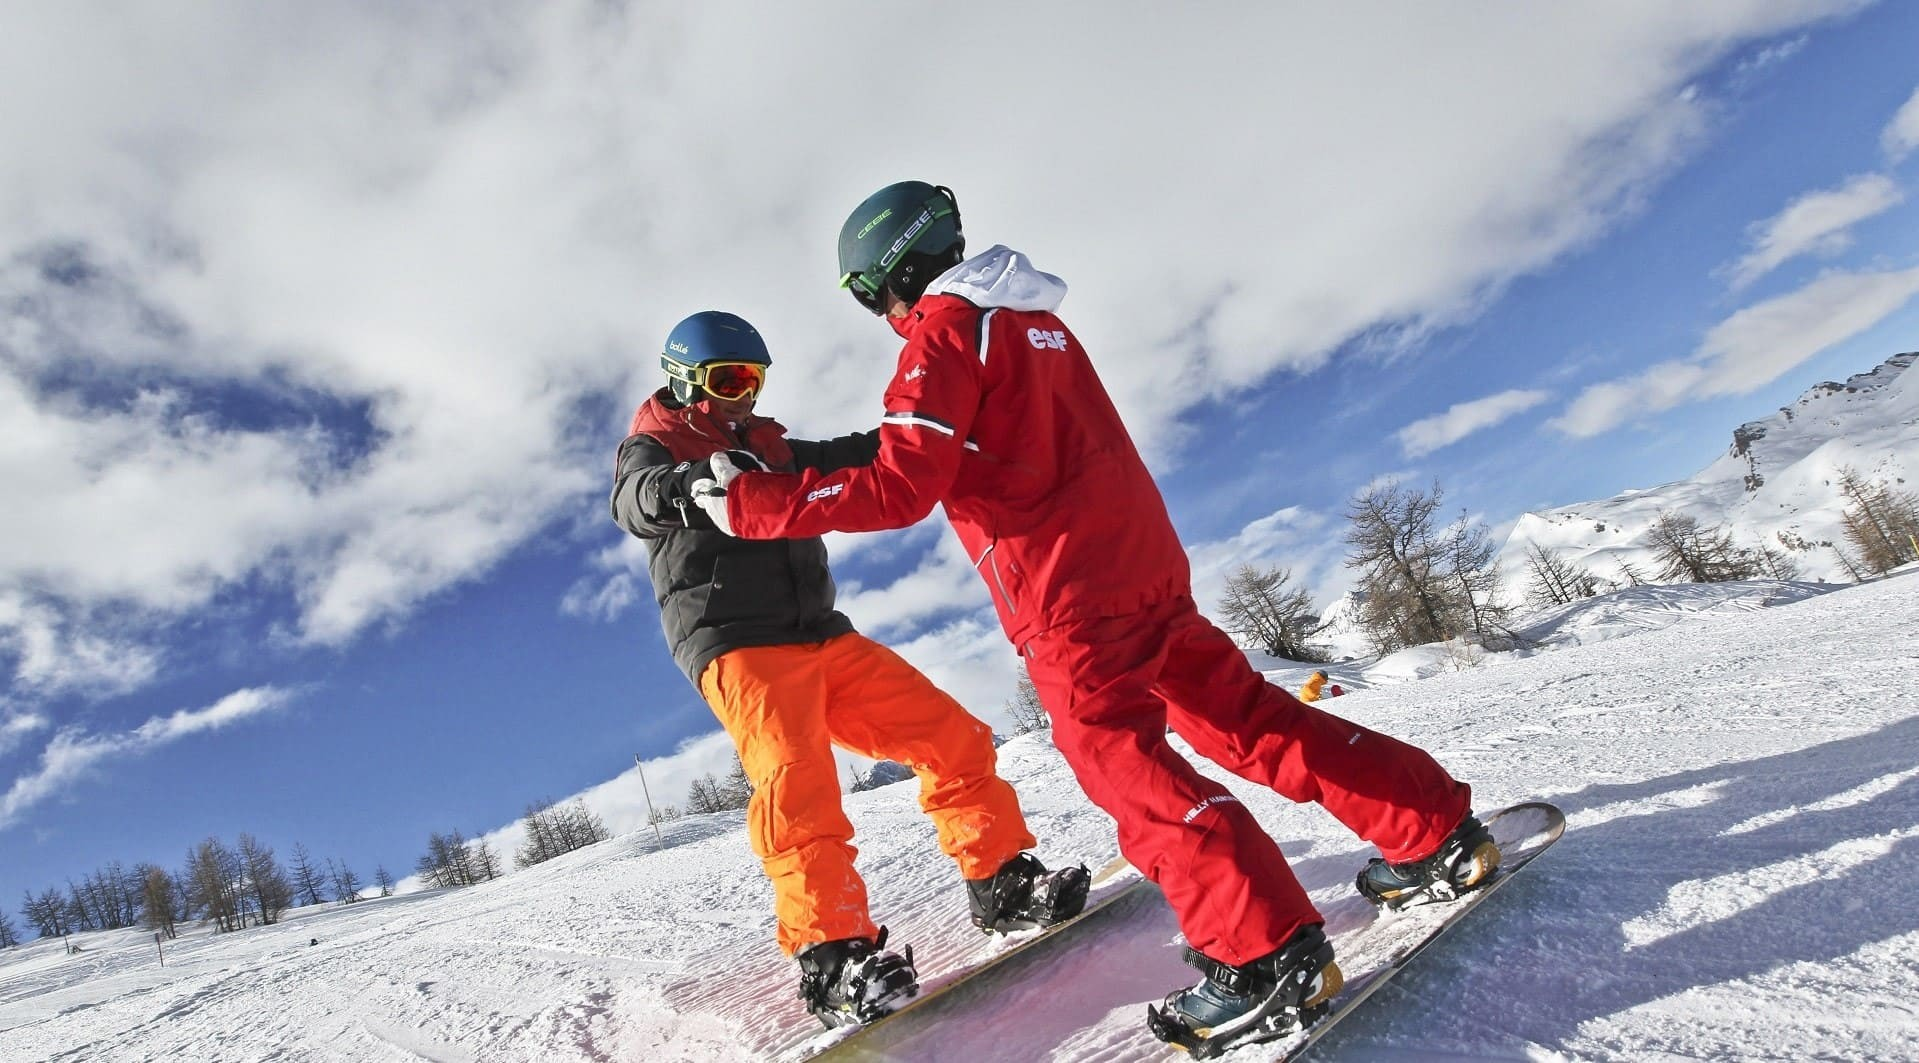 apprendre-le-snowboard-avec-esf-chatel-pre-la-joux-3979645